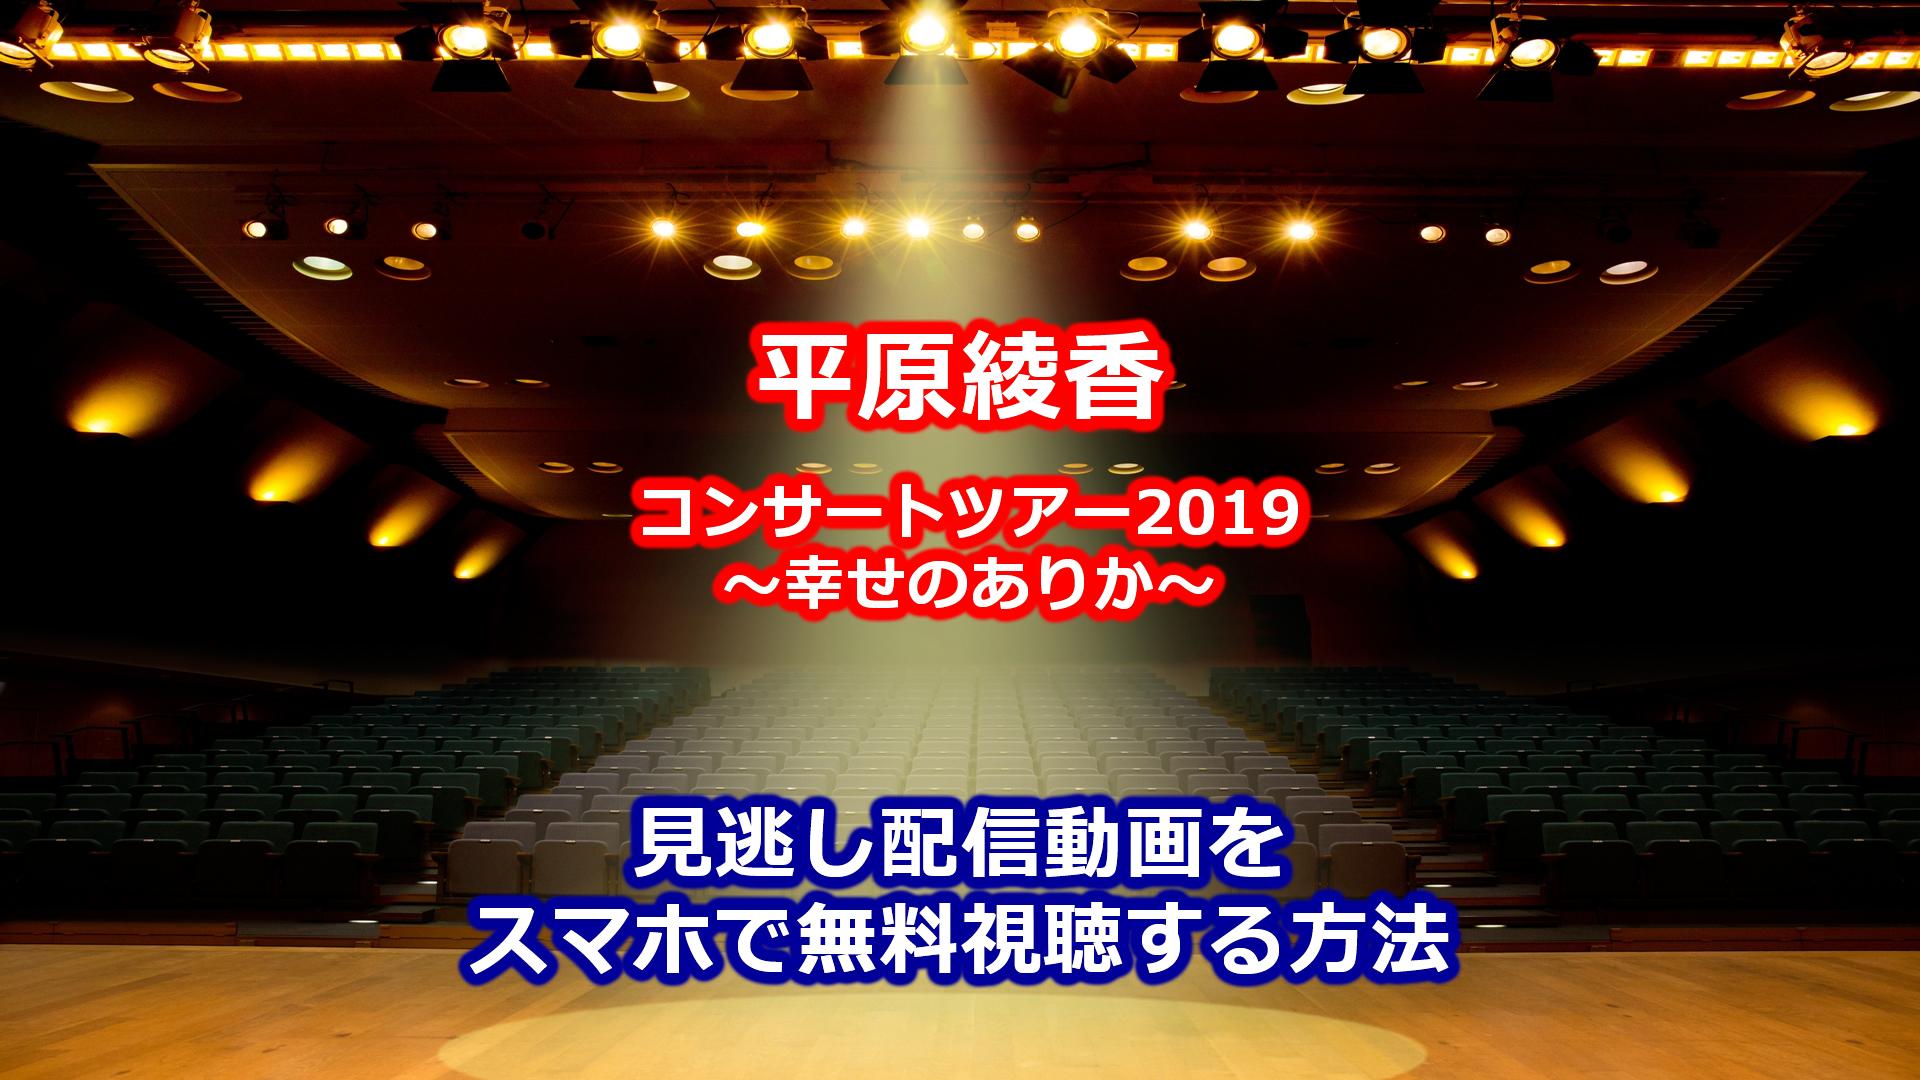 平原綾香コンサートツアー2019~幸せのありか~動画をスマホで無料視聴する方法